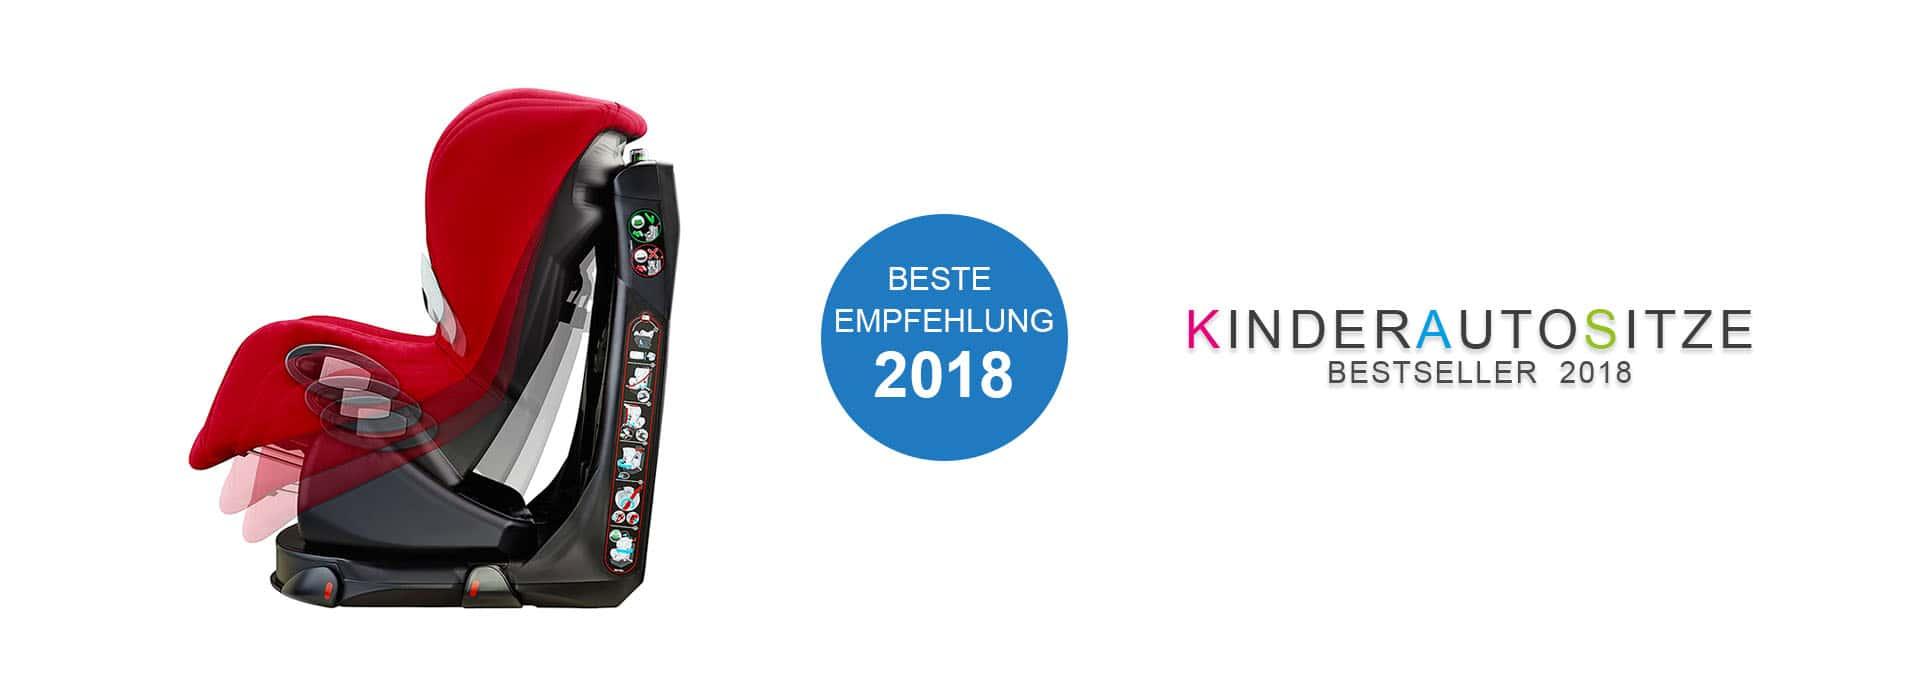 Kinderautositz Bestseller Testsieger 2018 | Test-Vergleiche.com | Die besten Kinderautositze bis zu 70% günstiger bestellen » Kindersitze günstig kaufen